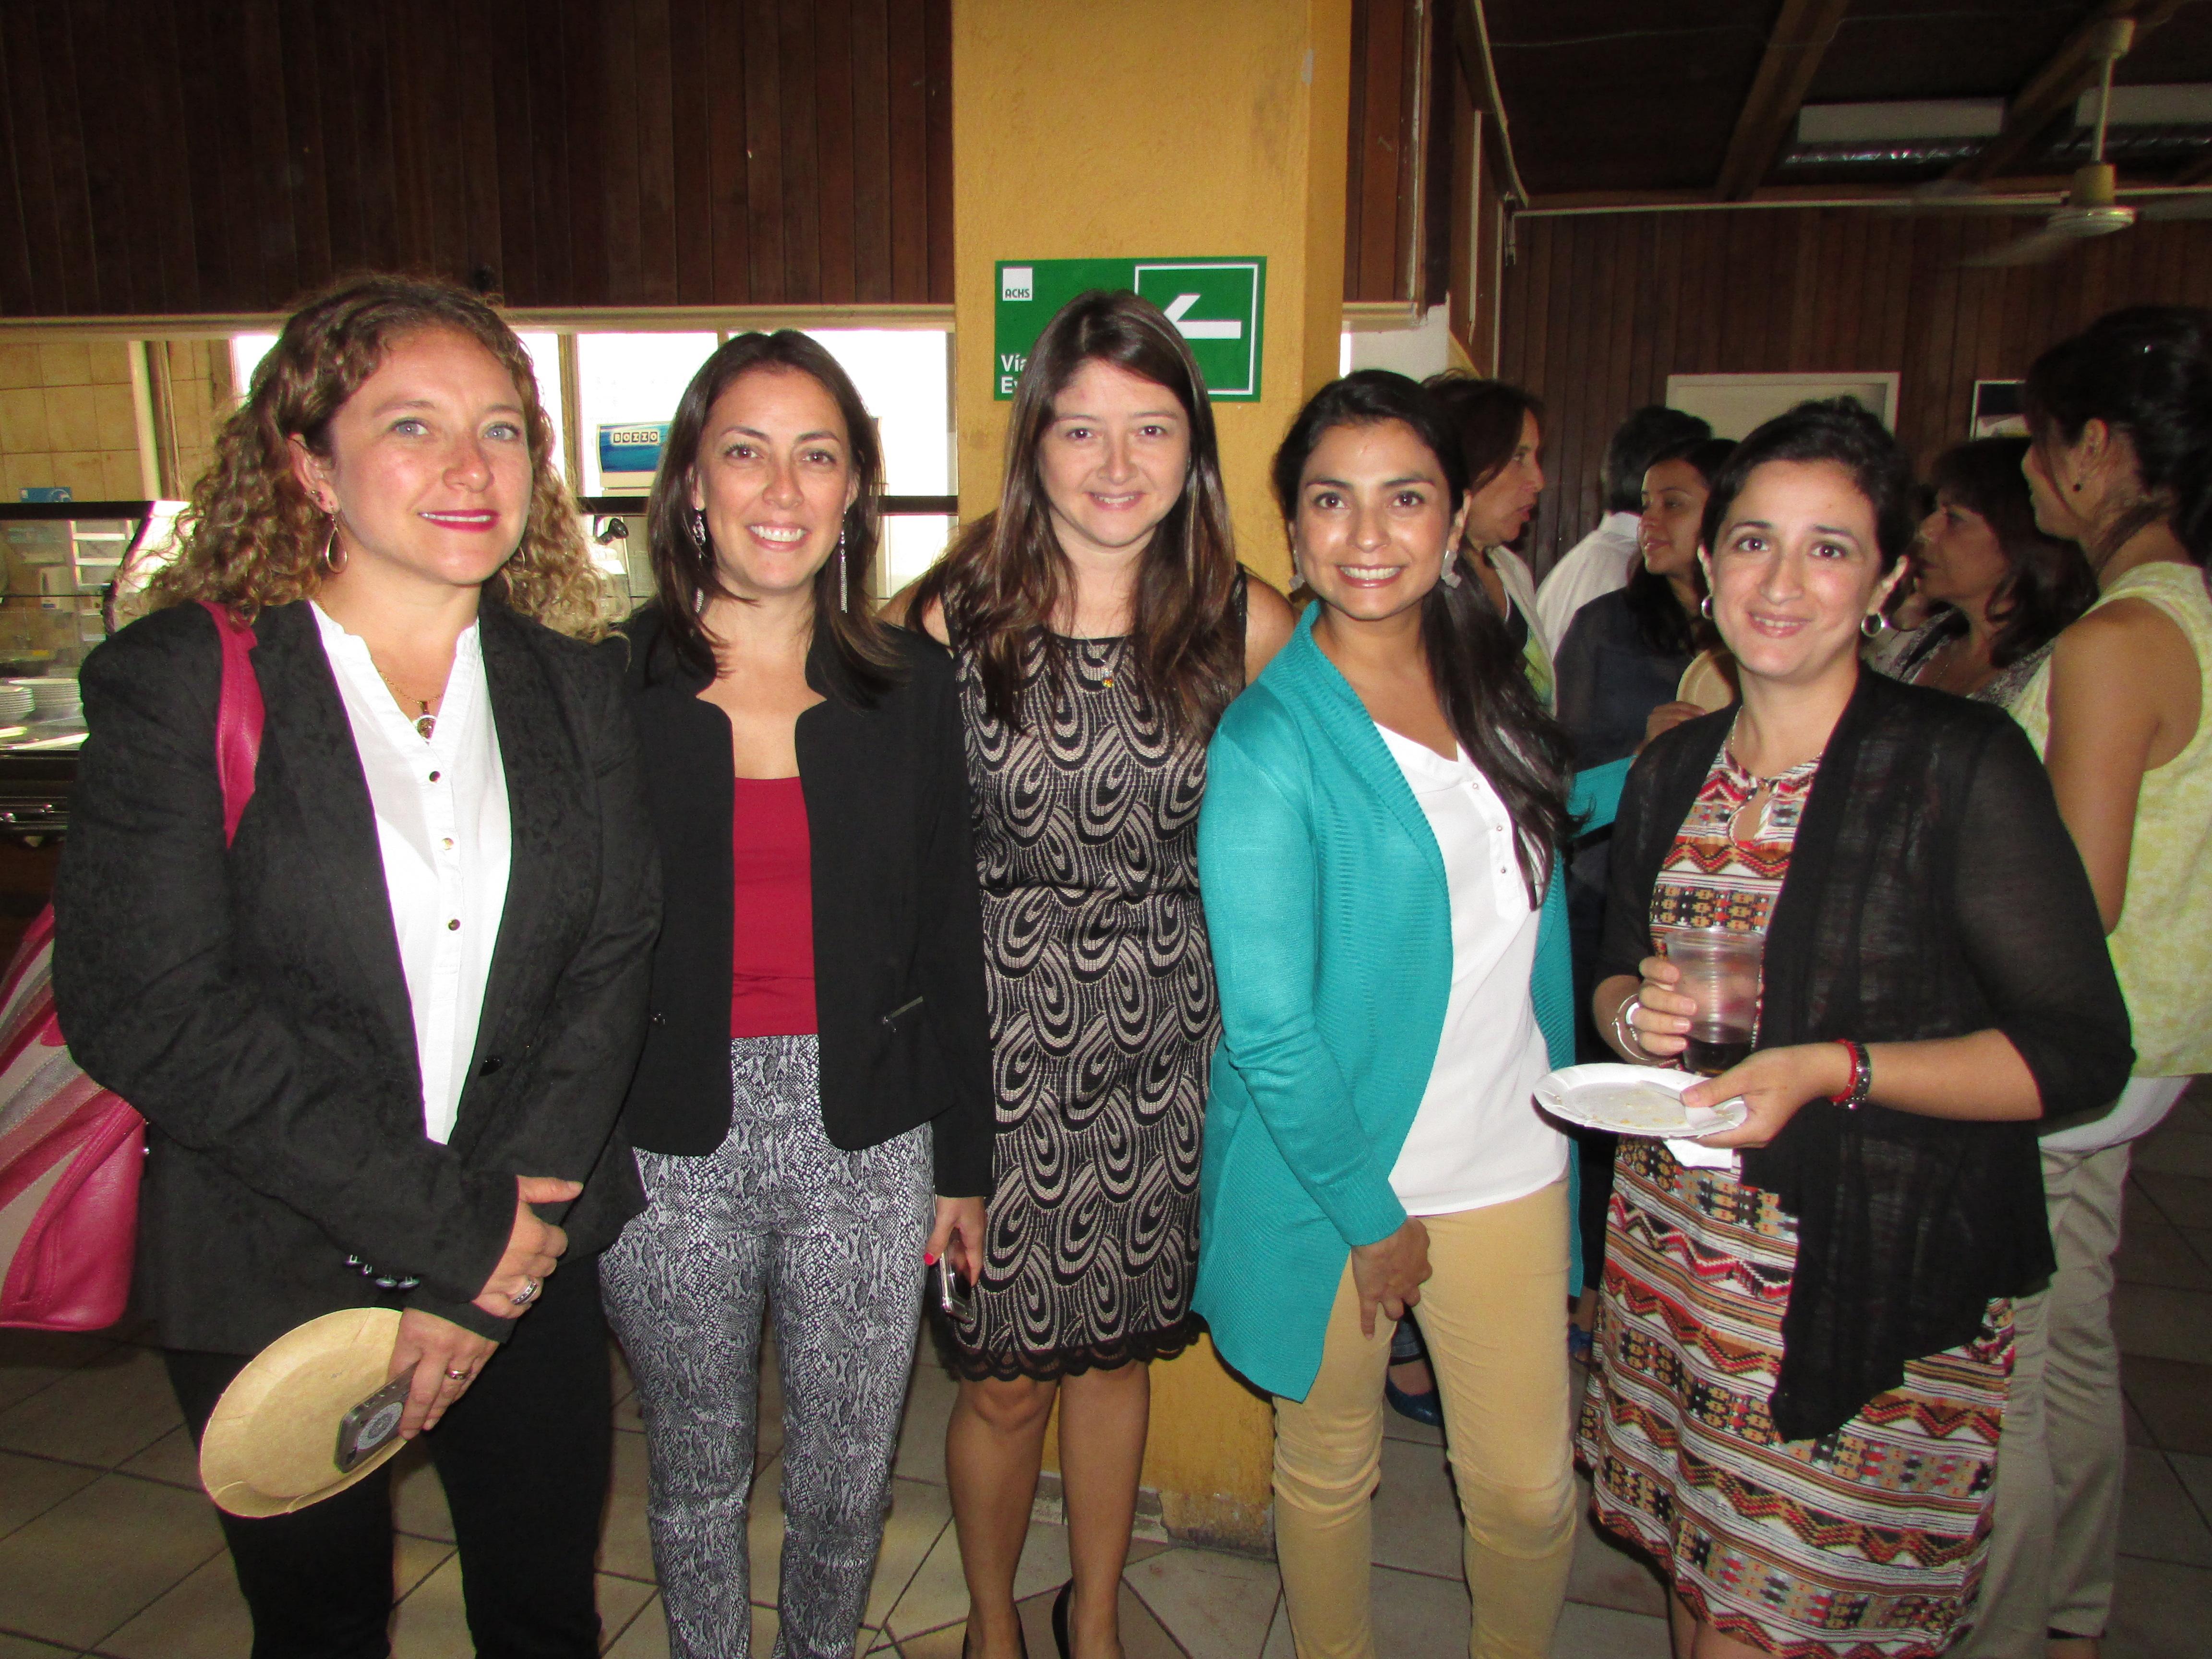 Celebración Día Internacional de la Mujer, SAG Central - 8 Marzo 2016